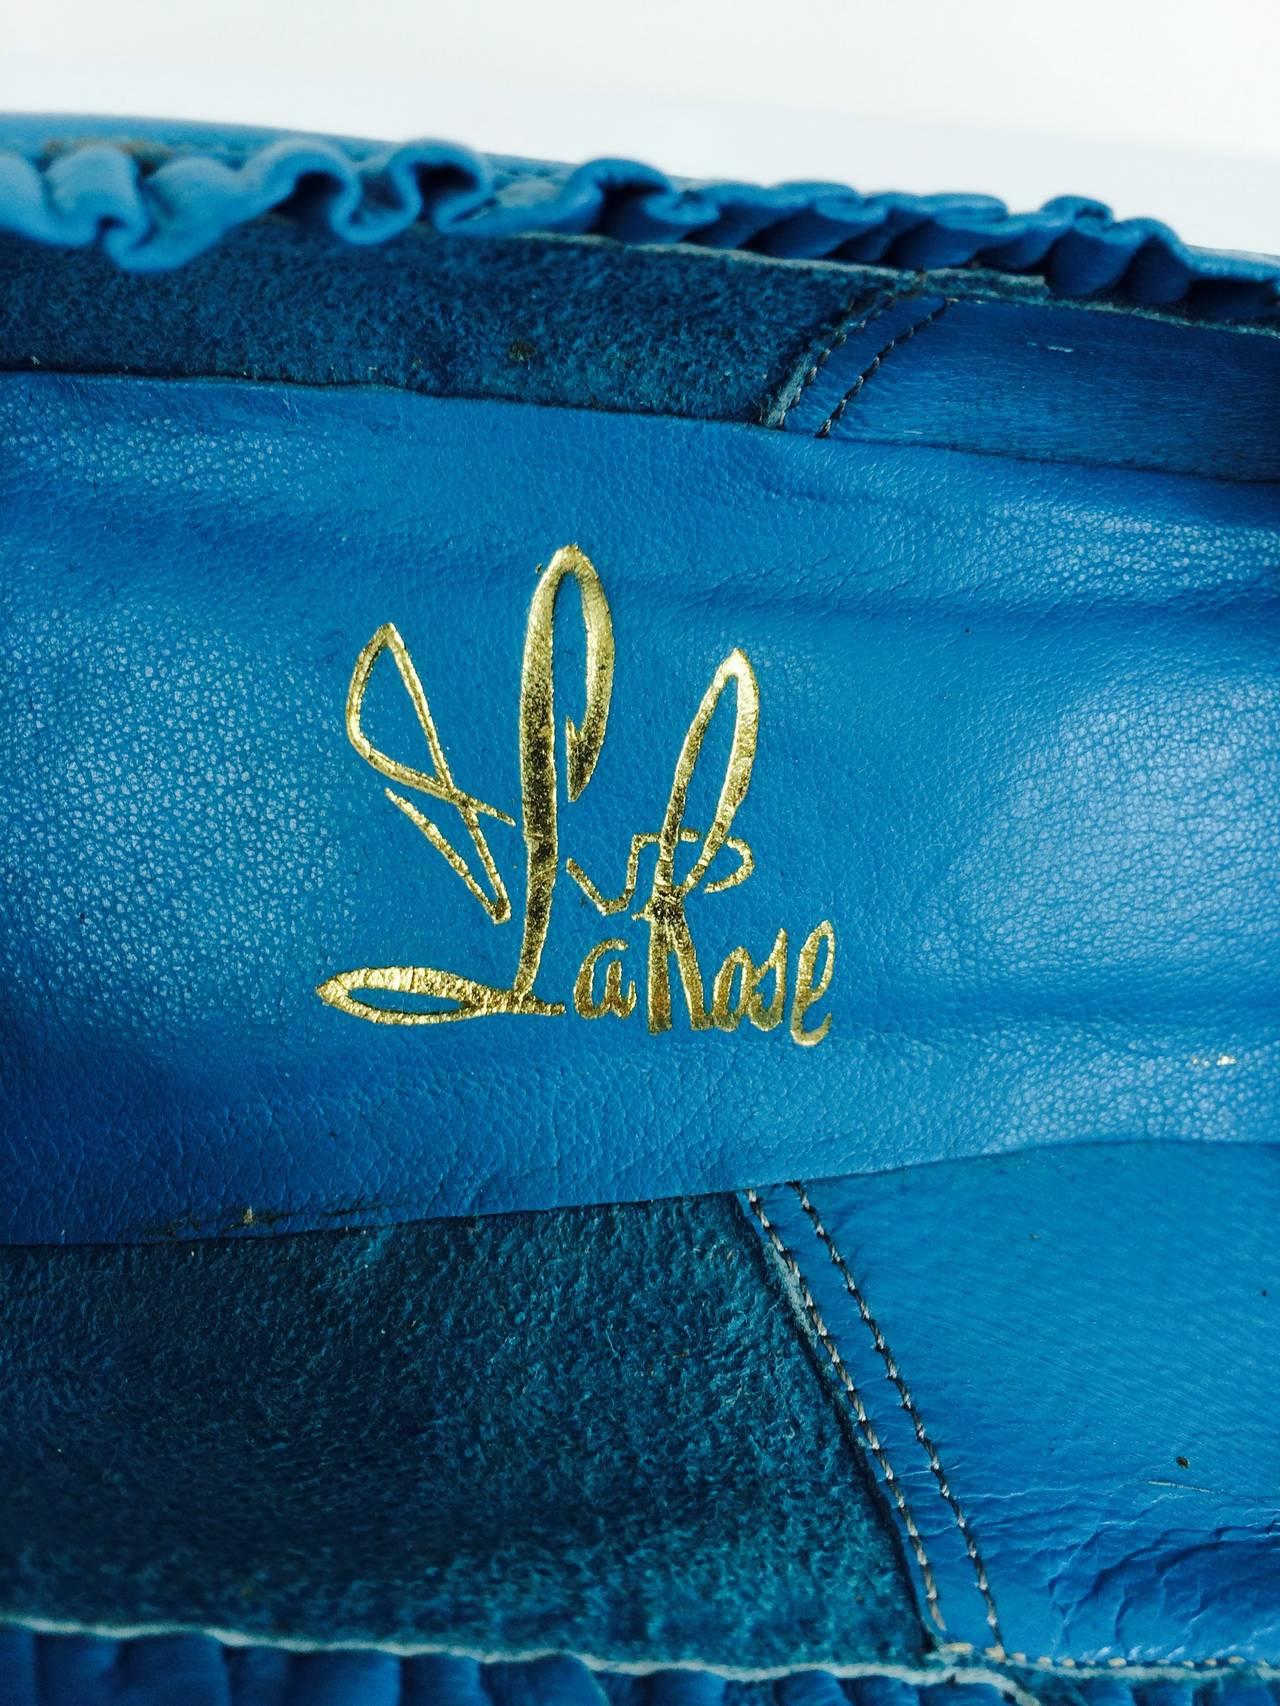 Margaret Jerrold turquoise Louis heel pumps  8 1/2 N unworn 1960s For Sale 2